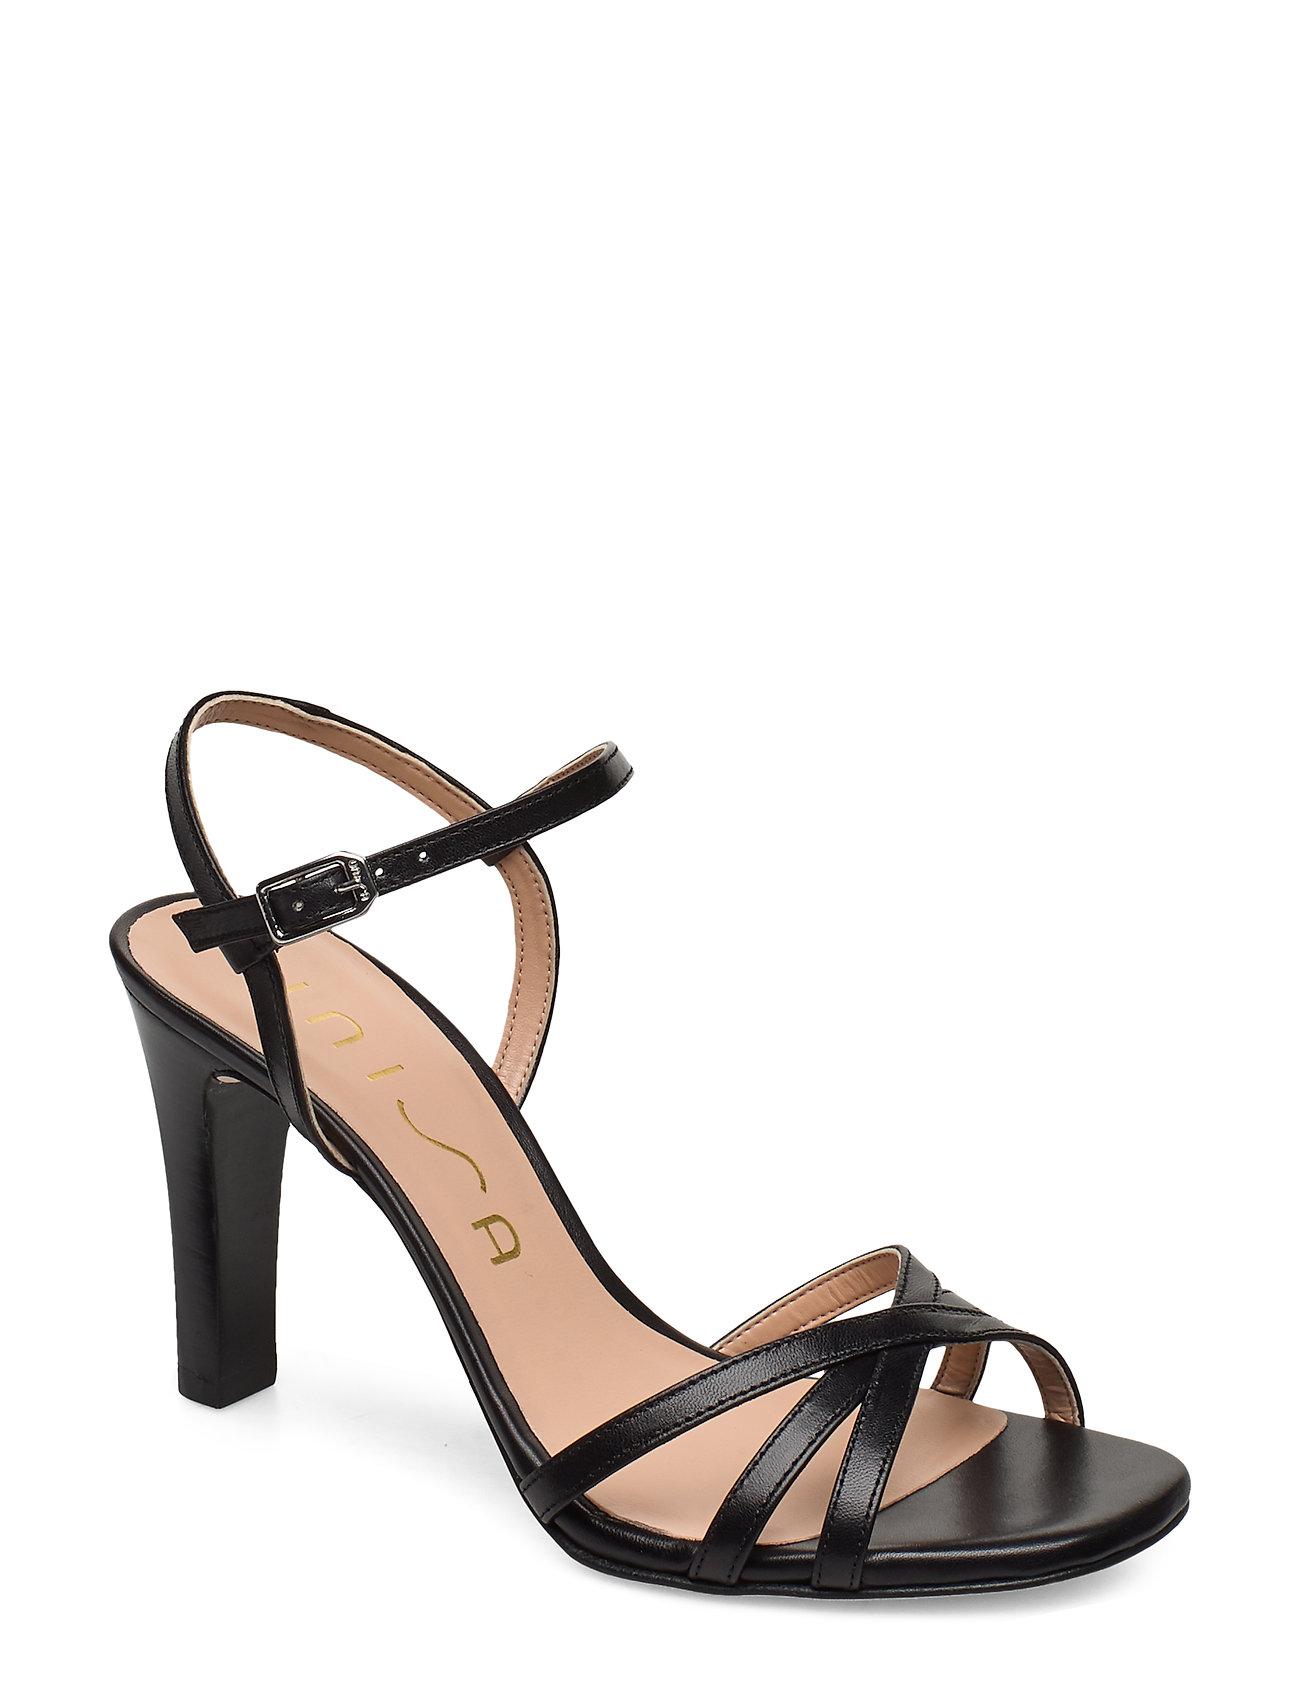 Rieker women sandal beige 68866 61